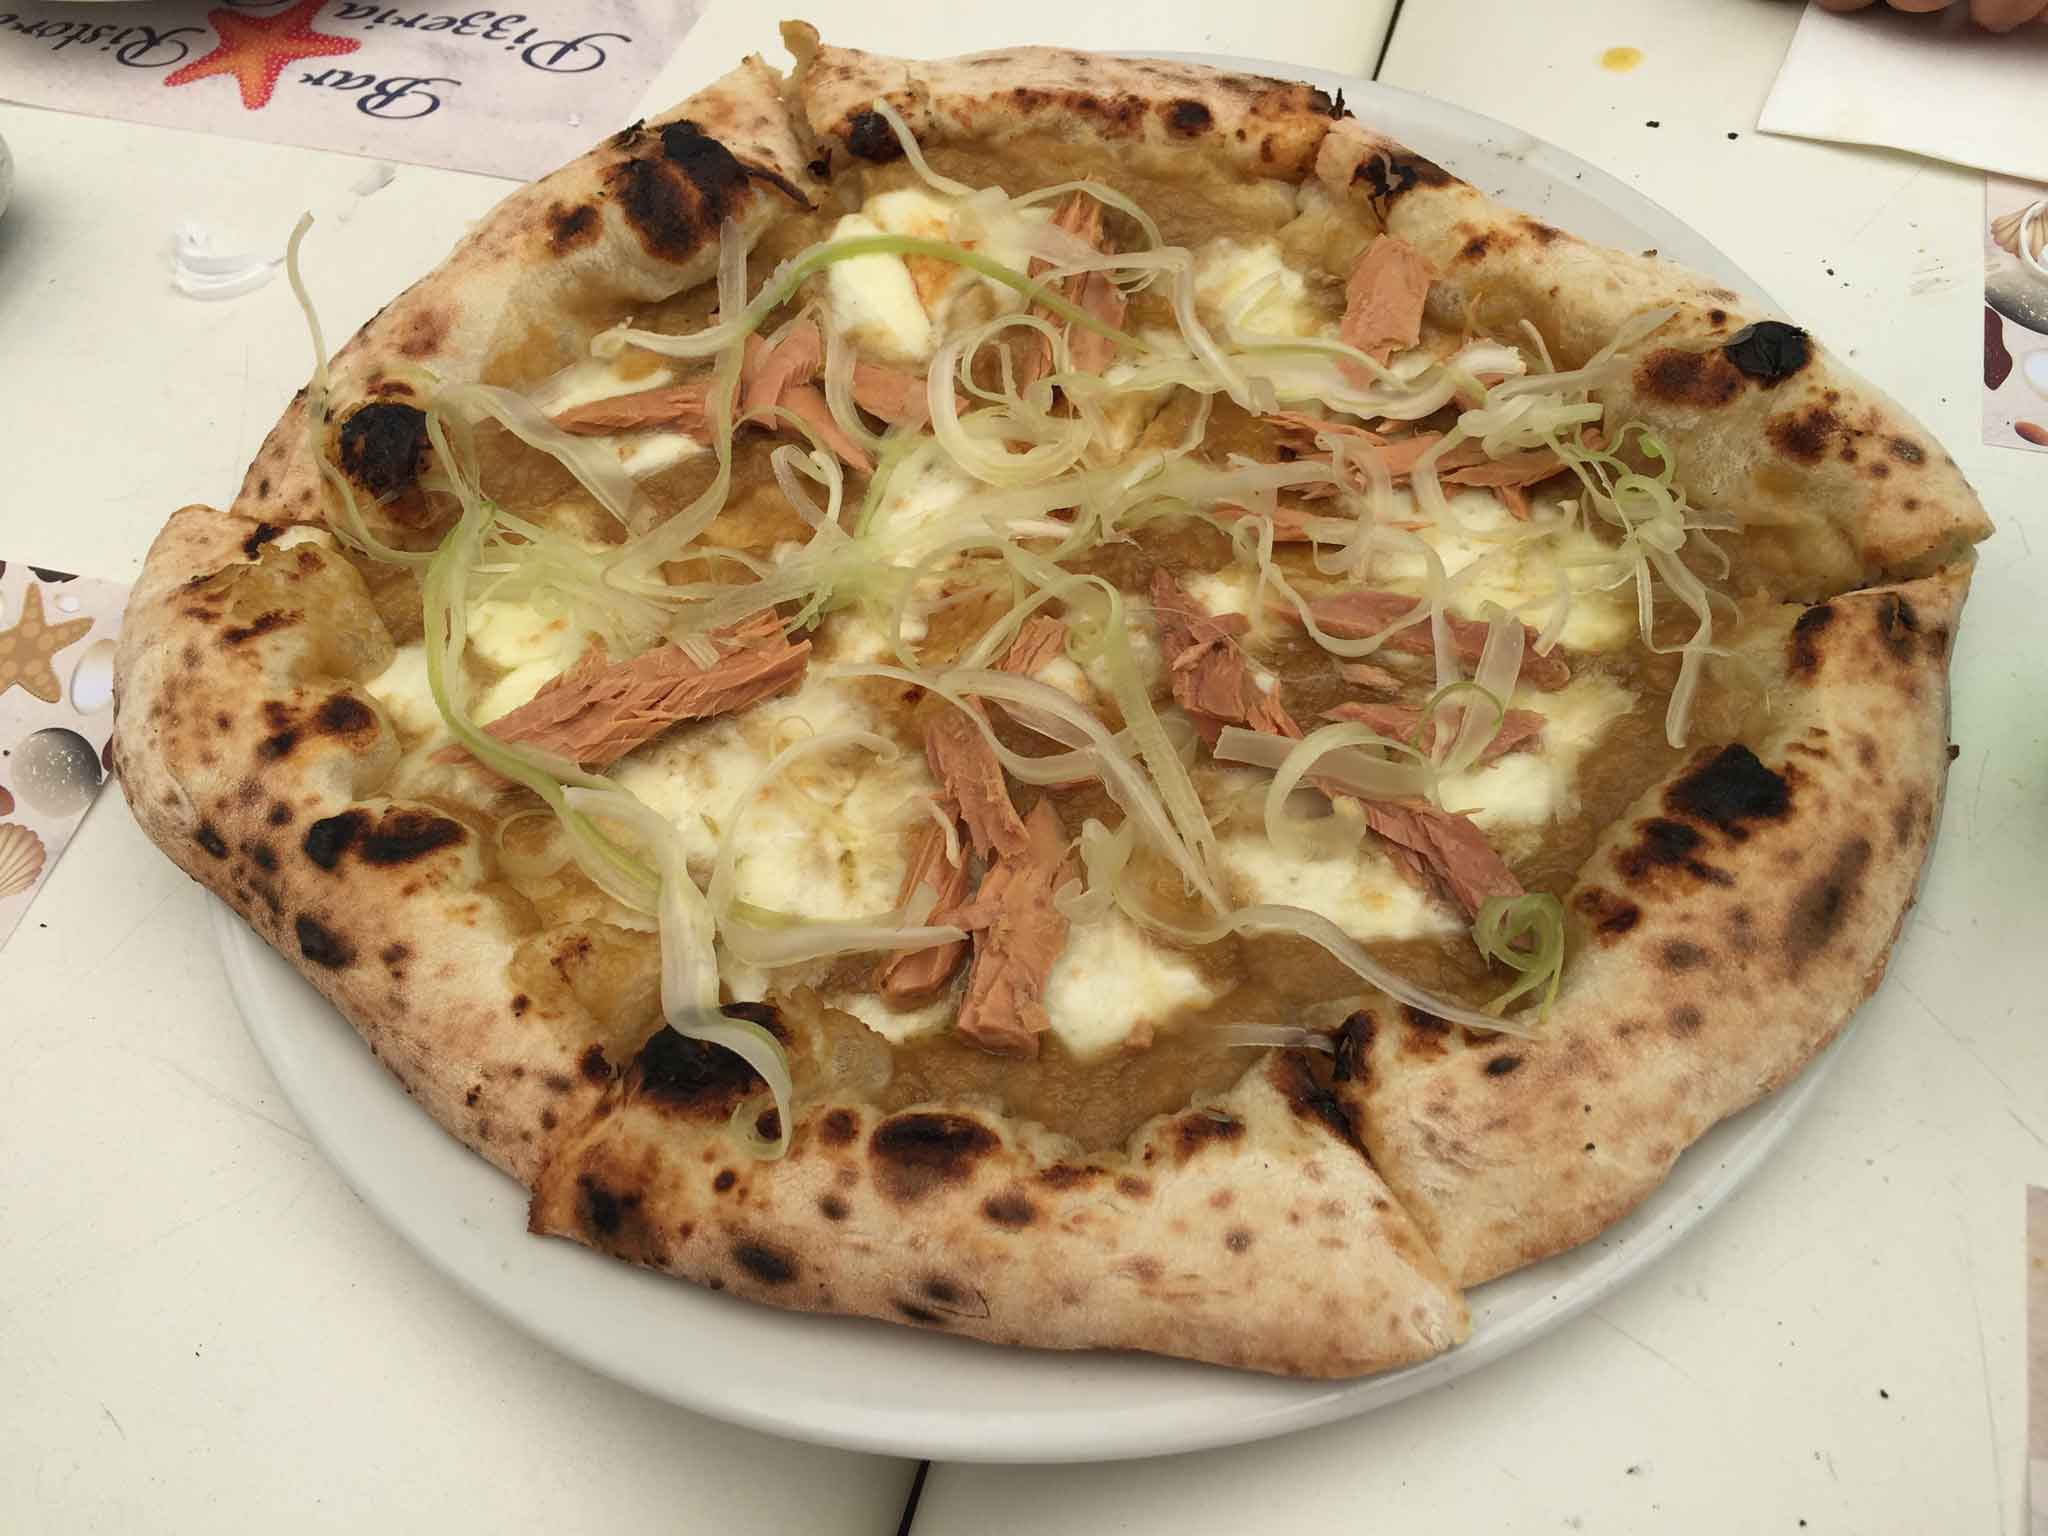 pizza Franco Pepe Alletterata Mister Marlin